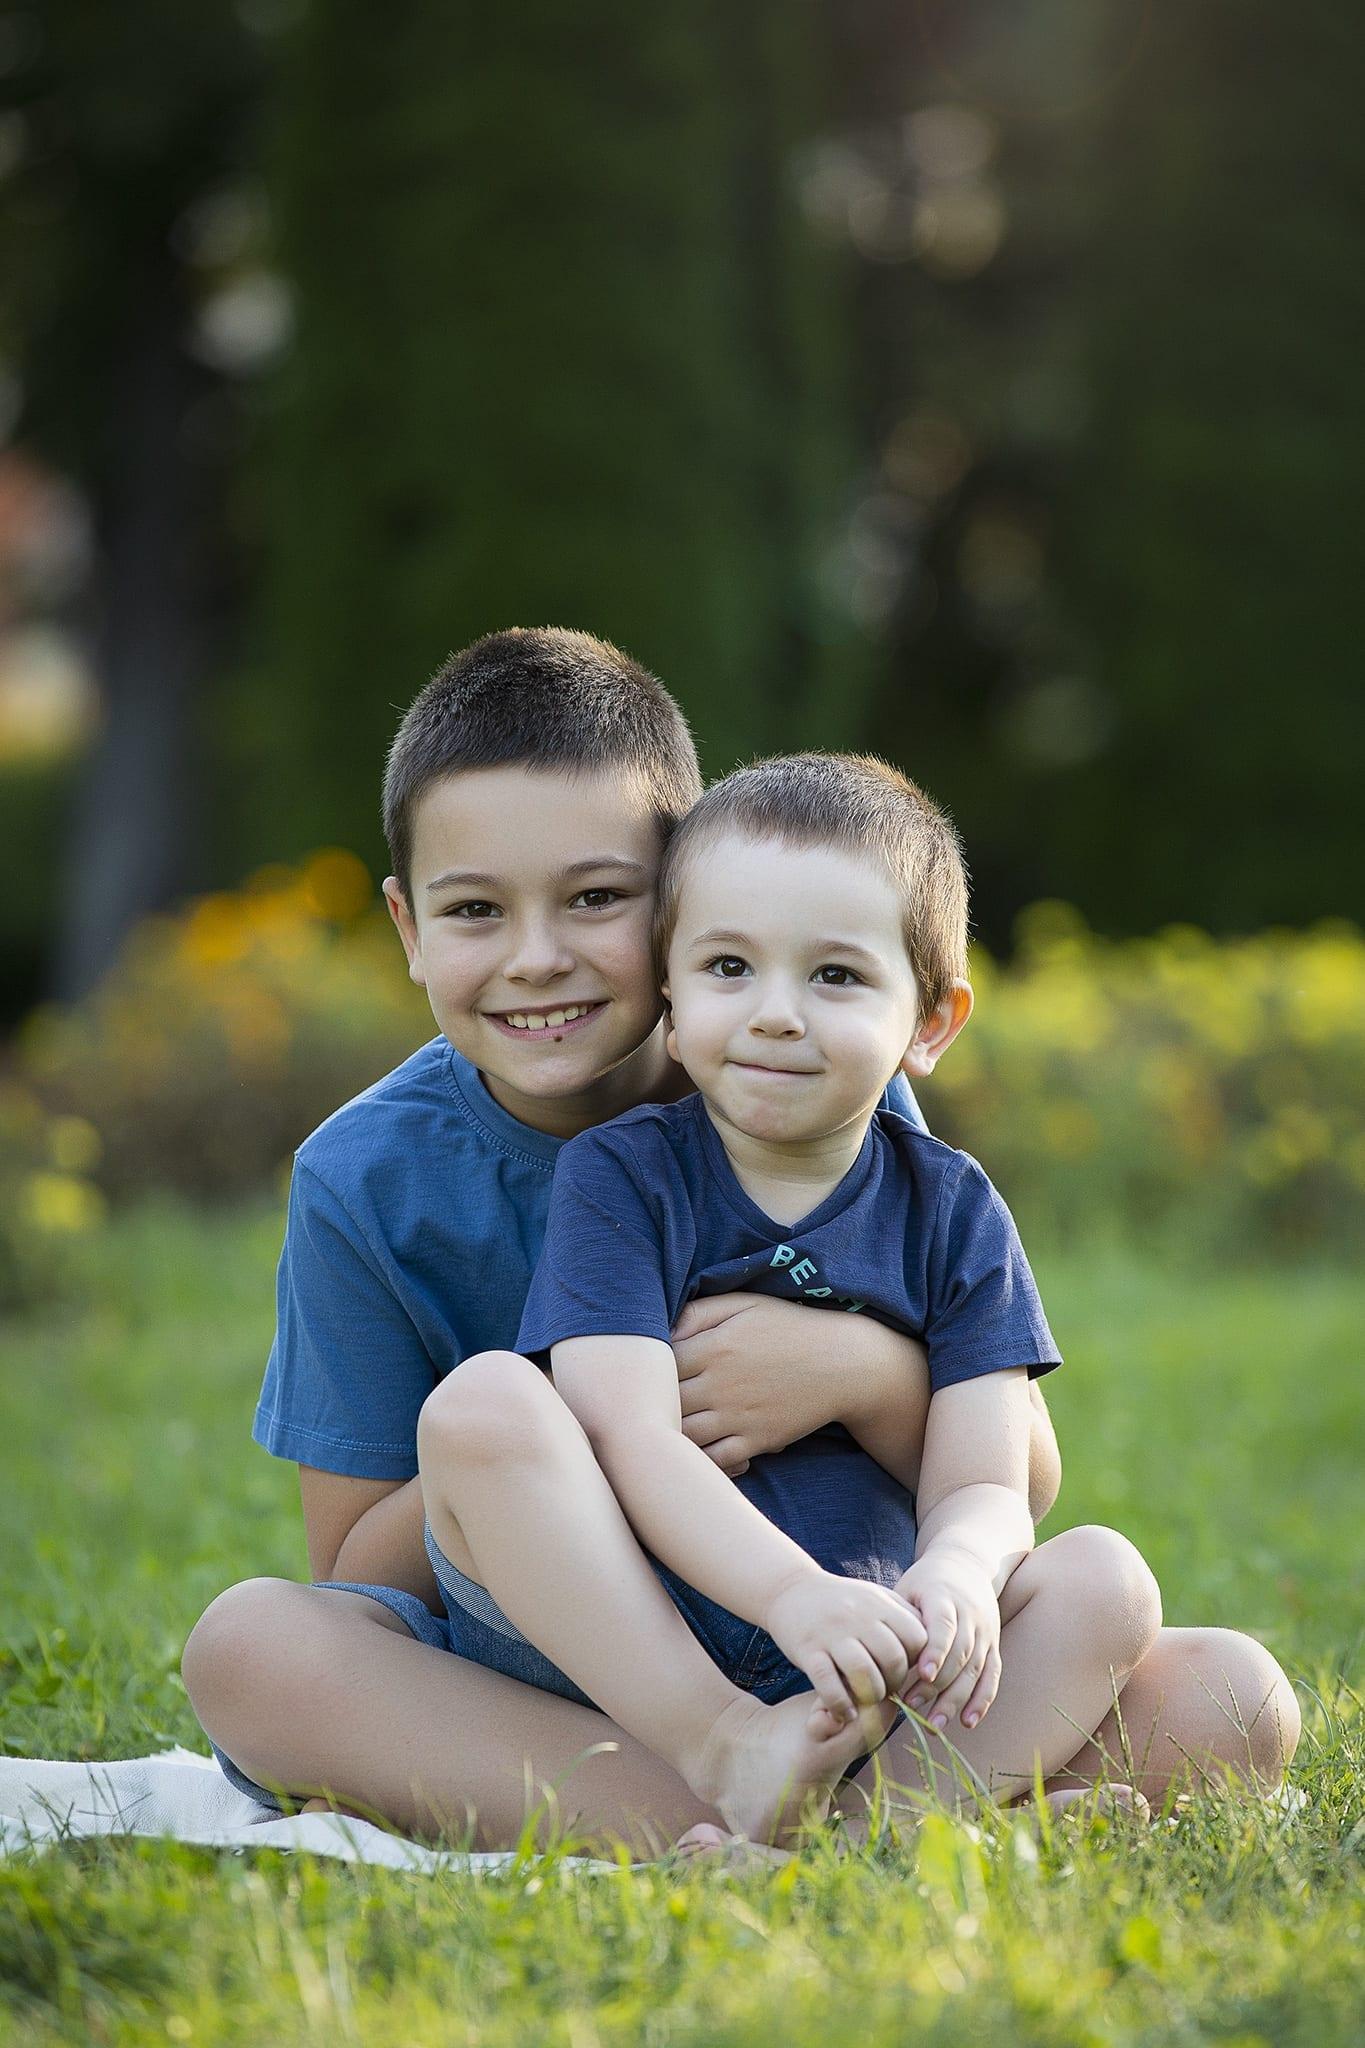 Kreatív nyári gyerek fotózás kültéren